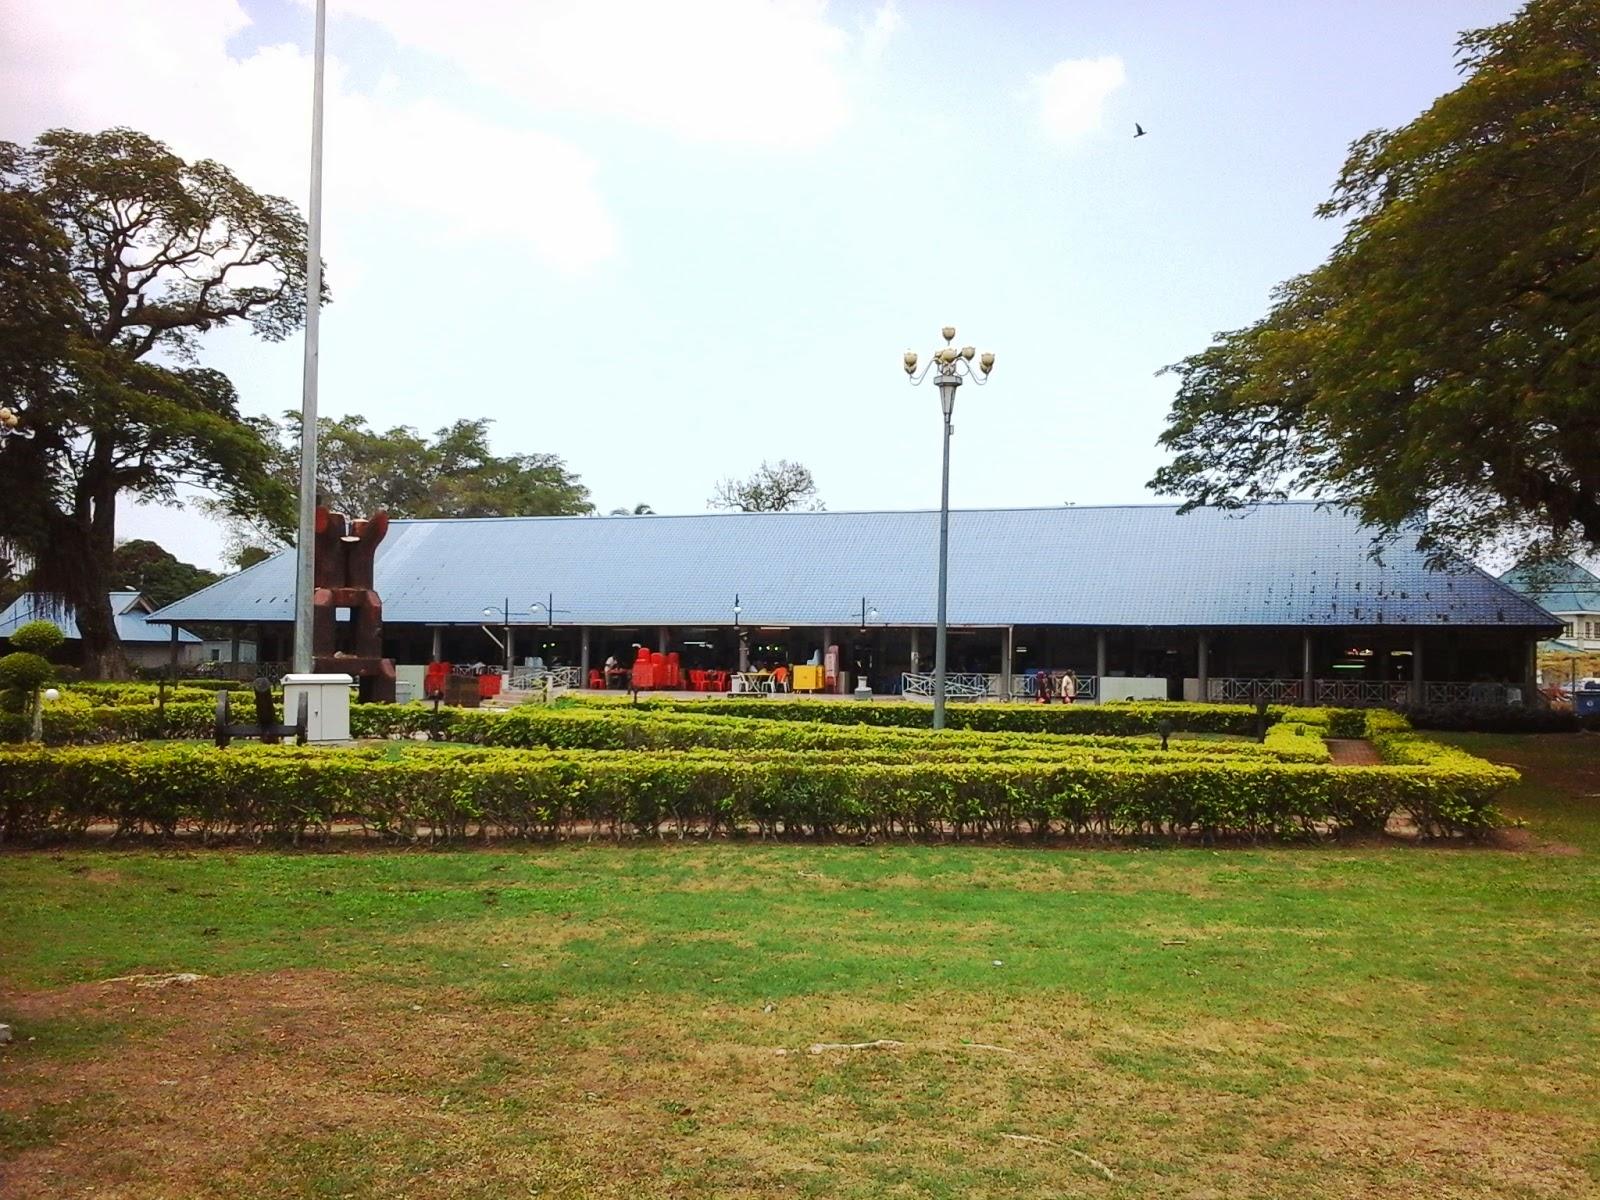 Singgah-singgah Di Tanjung Emas, Muar, Johor